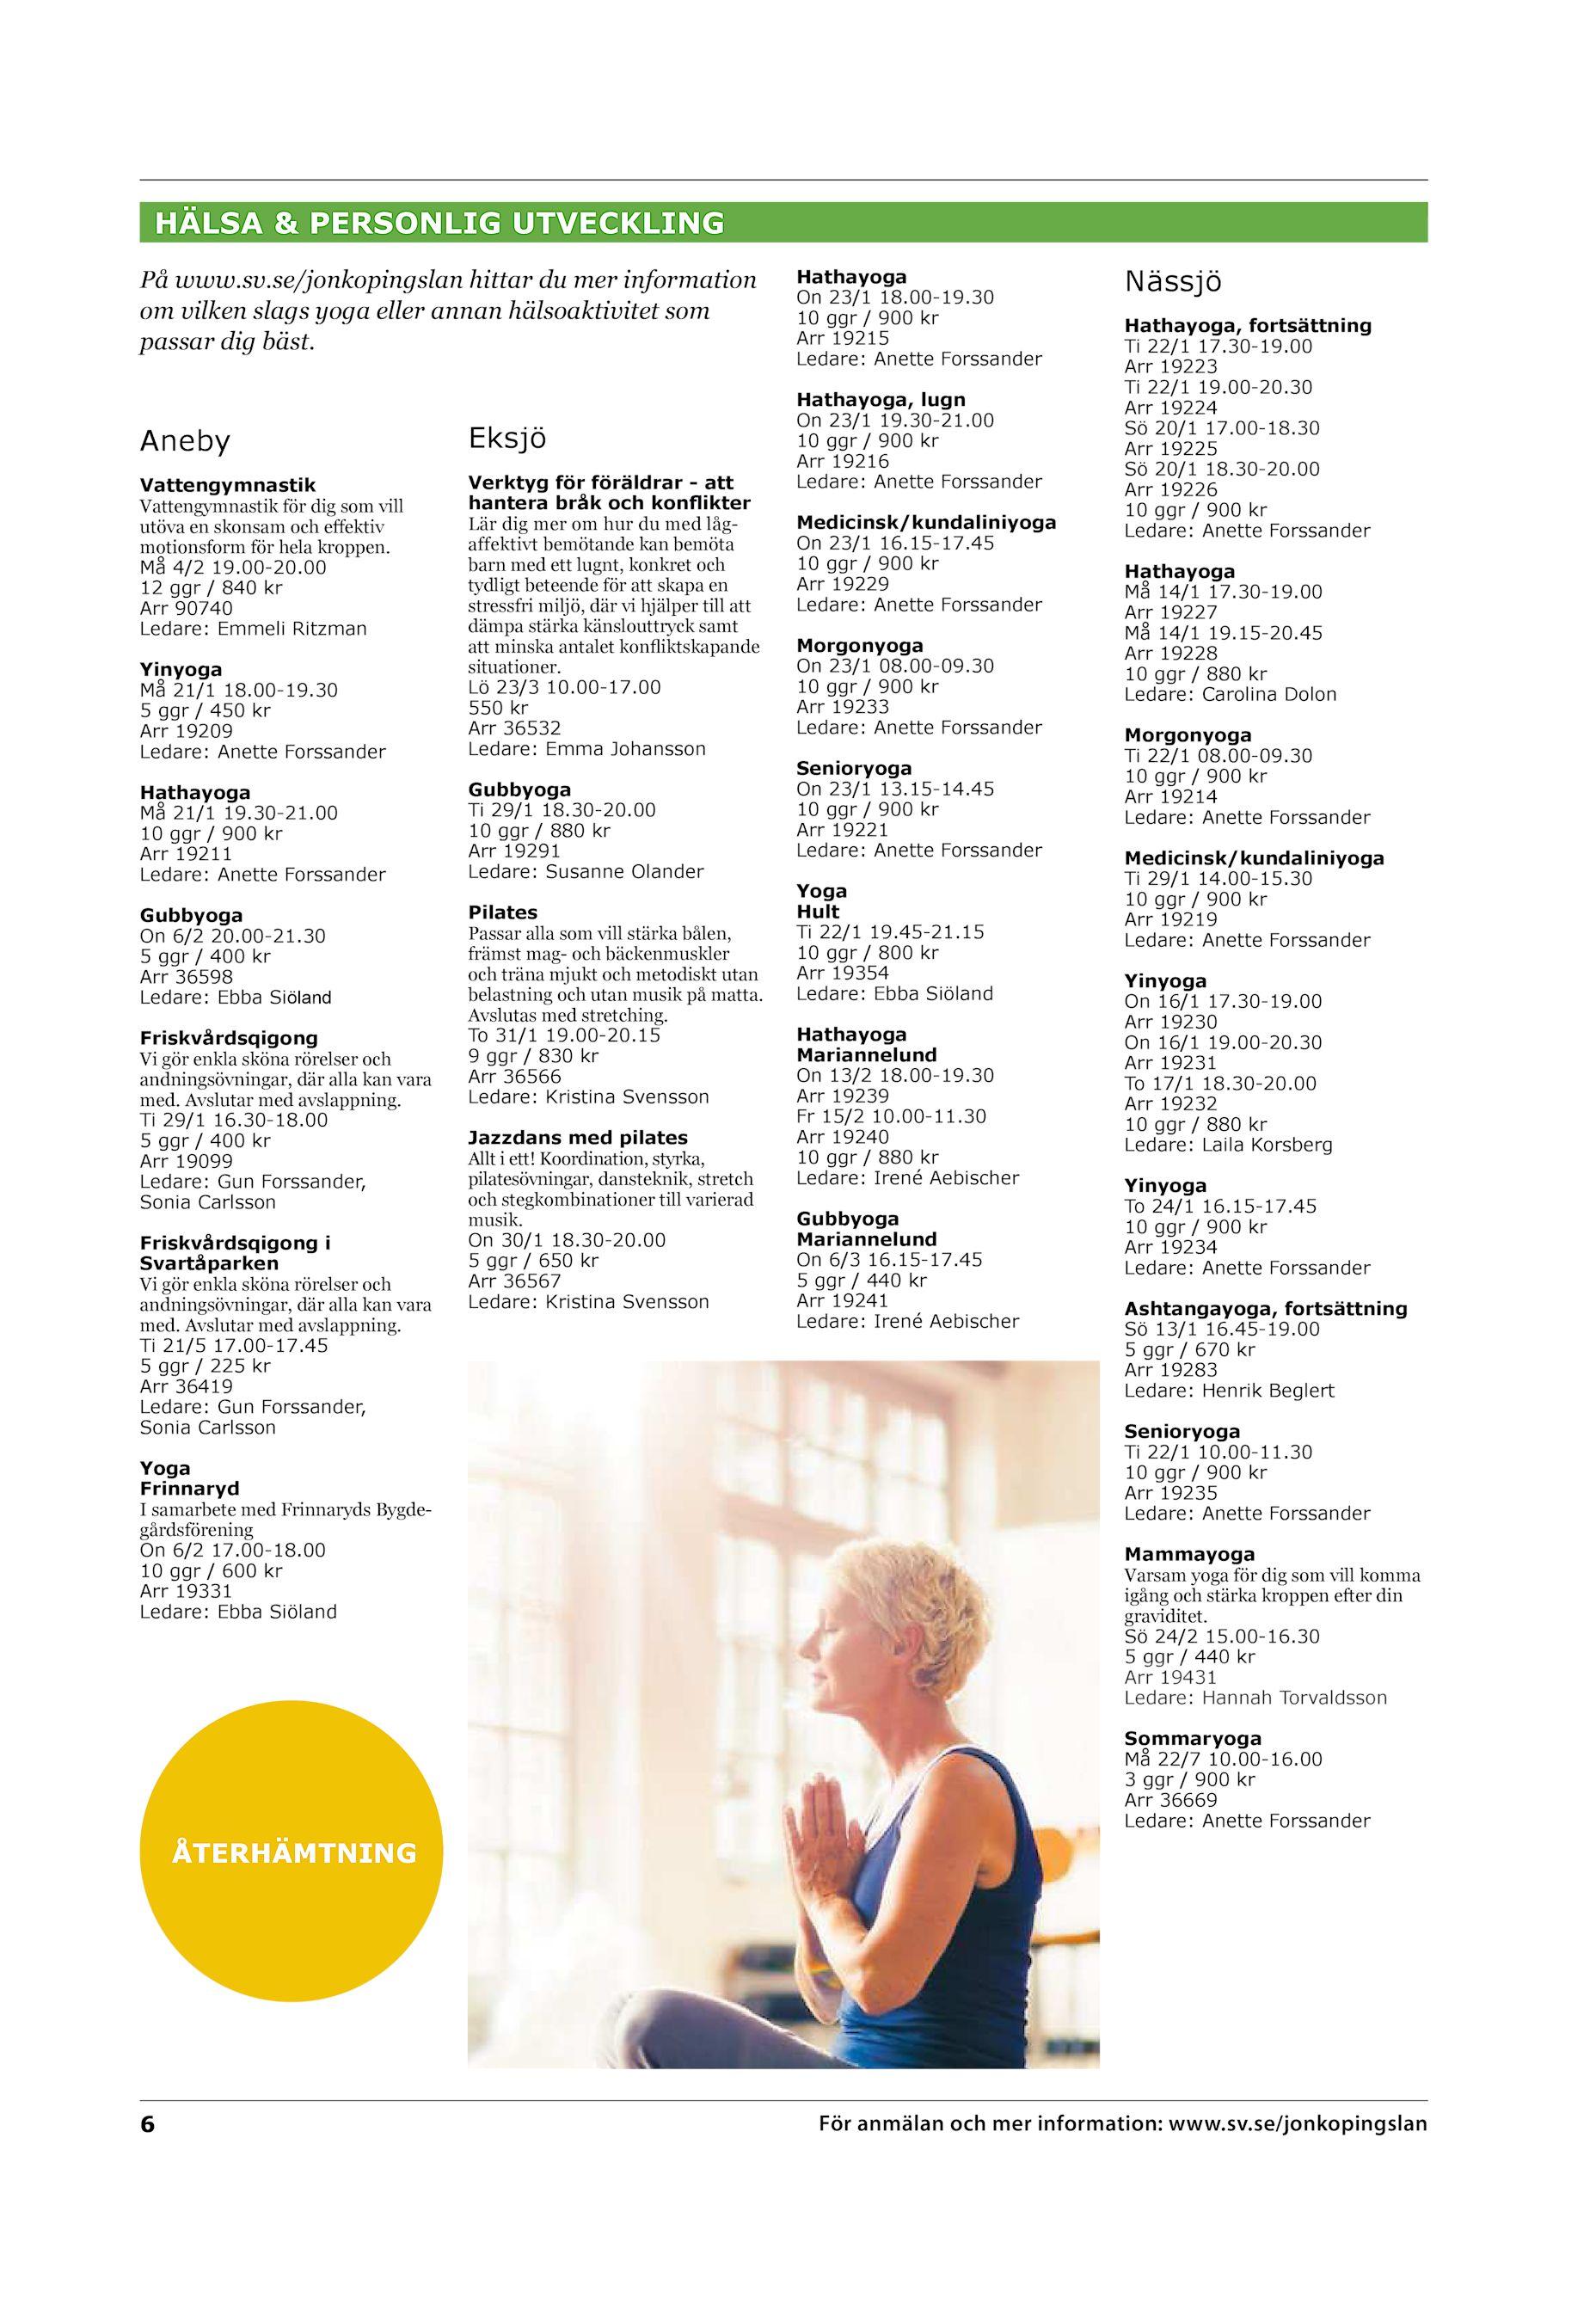 d5291441cd73 HÄLSA & PERSONLIG UTVECKLING På www.sv.se/jonkopingslan hittar du mer  information om vilken slags yoga eller annan hälsoaktivitet som passar dig  bäst.